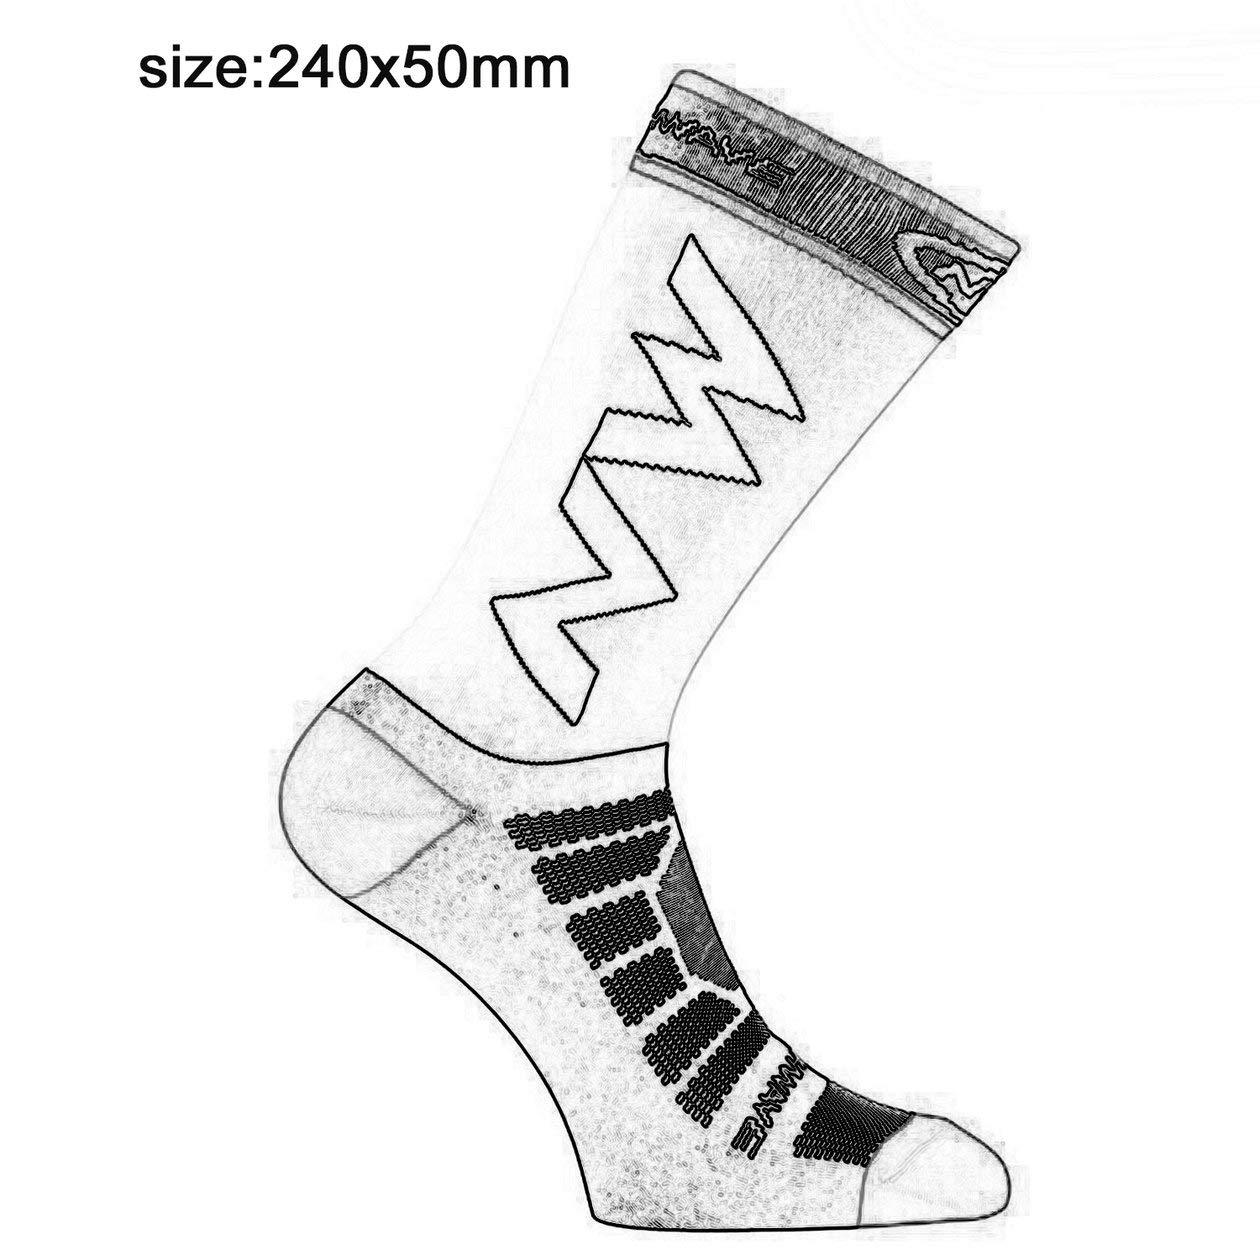 blanco Calcetines largos de compresi/ón para hombres adultos transpirables Calcetines de f/útbol calientes Calcetines de baloncesto Deportes antideslizantes Ciclismo Escalada Calcetines para correr